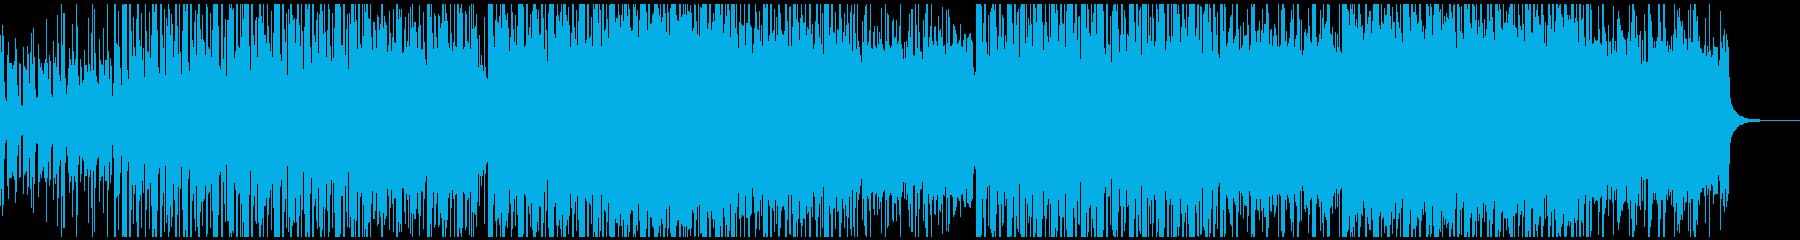 電子機器で緊張感ある曲の再生済みの波形